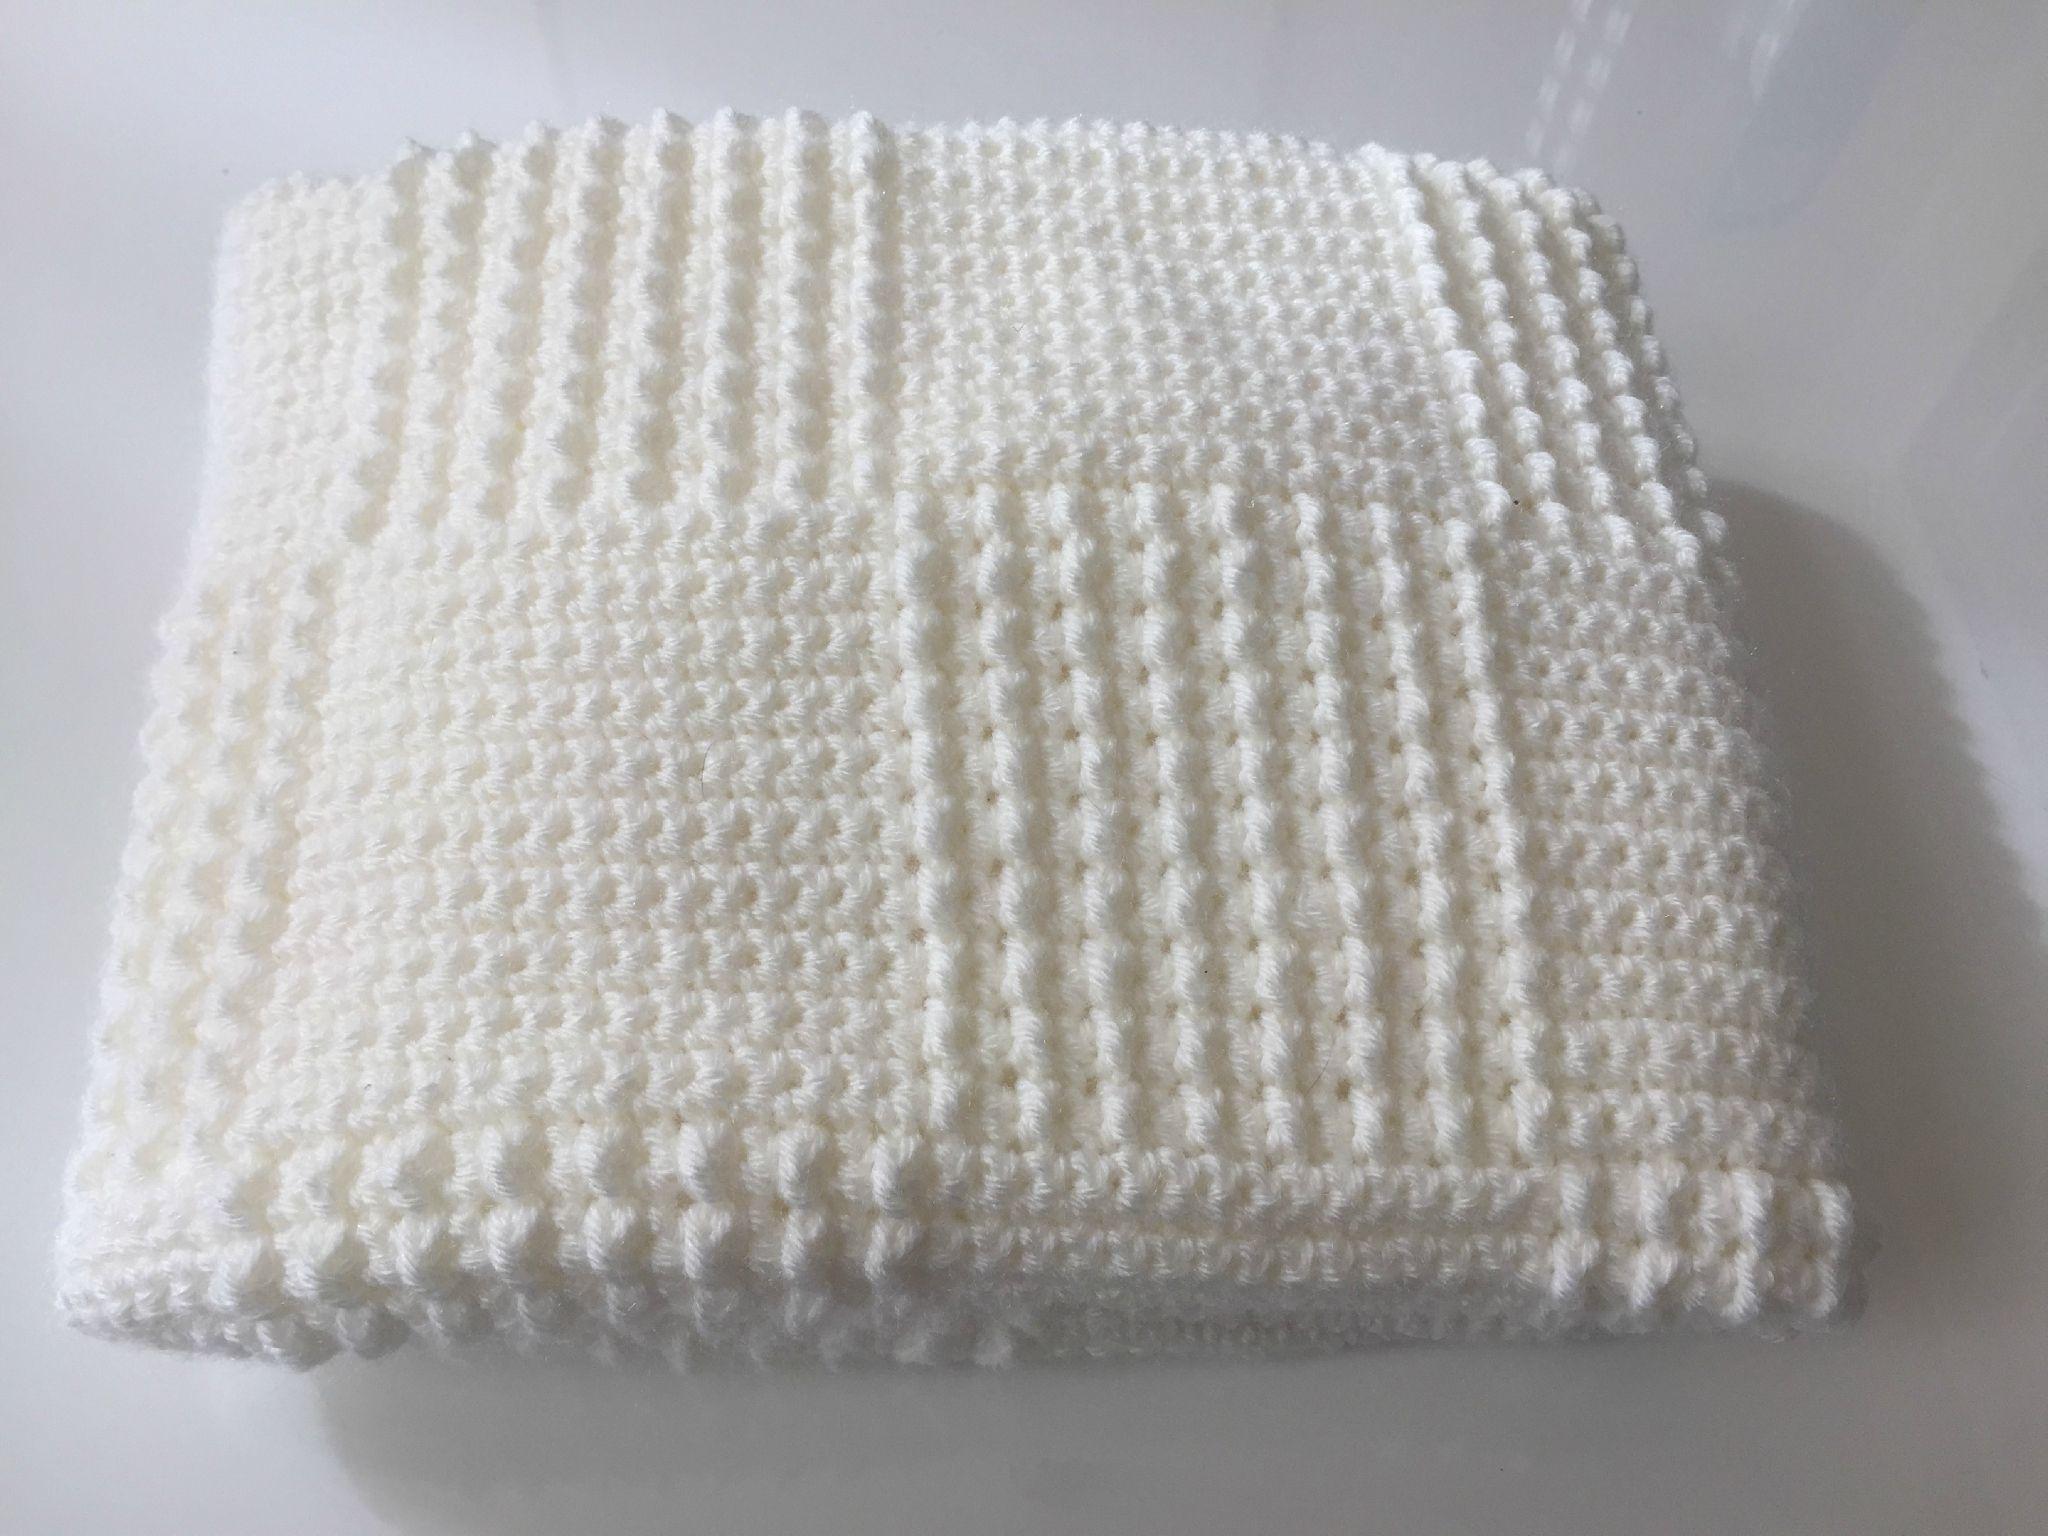 C comme... Couverture - Claire crochète! | Crochet, Blanket and Diy ...